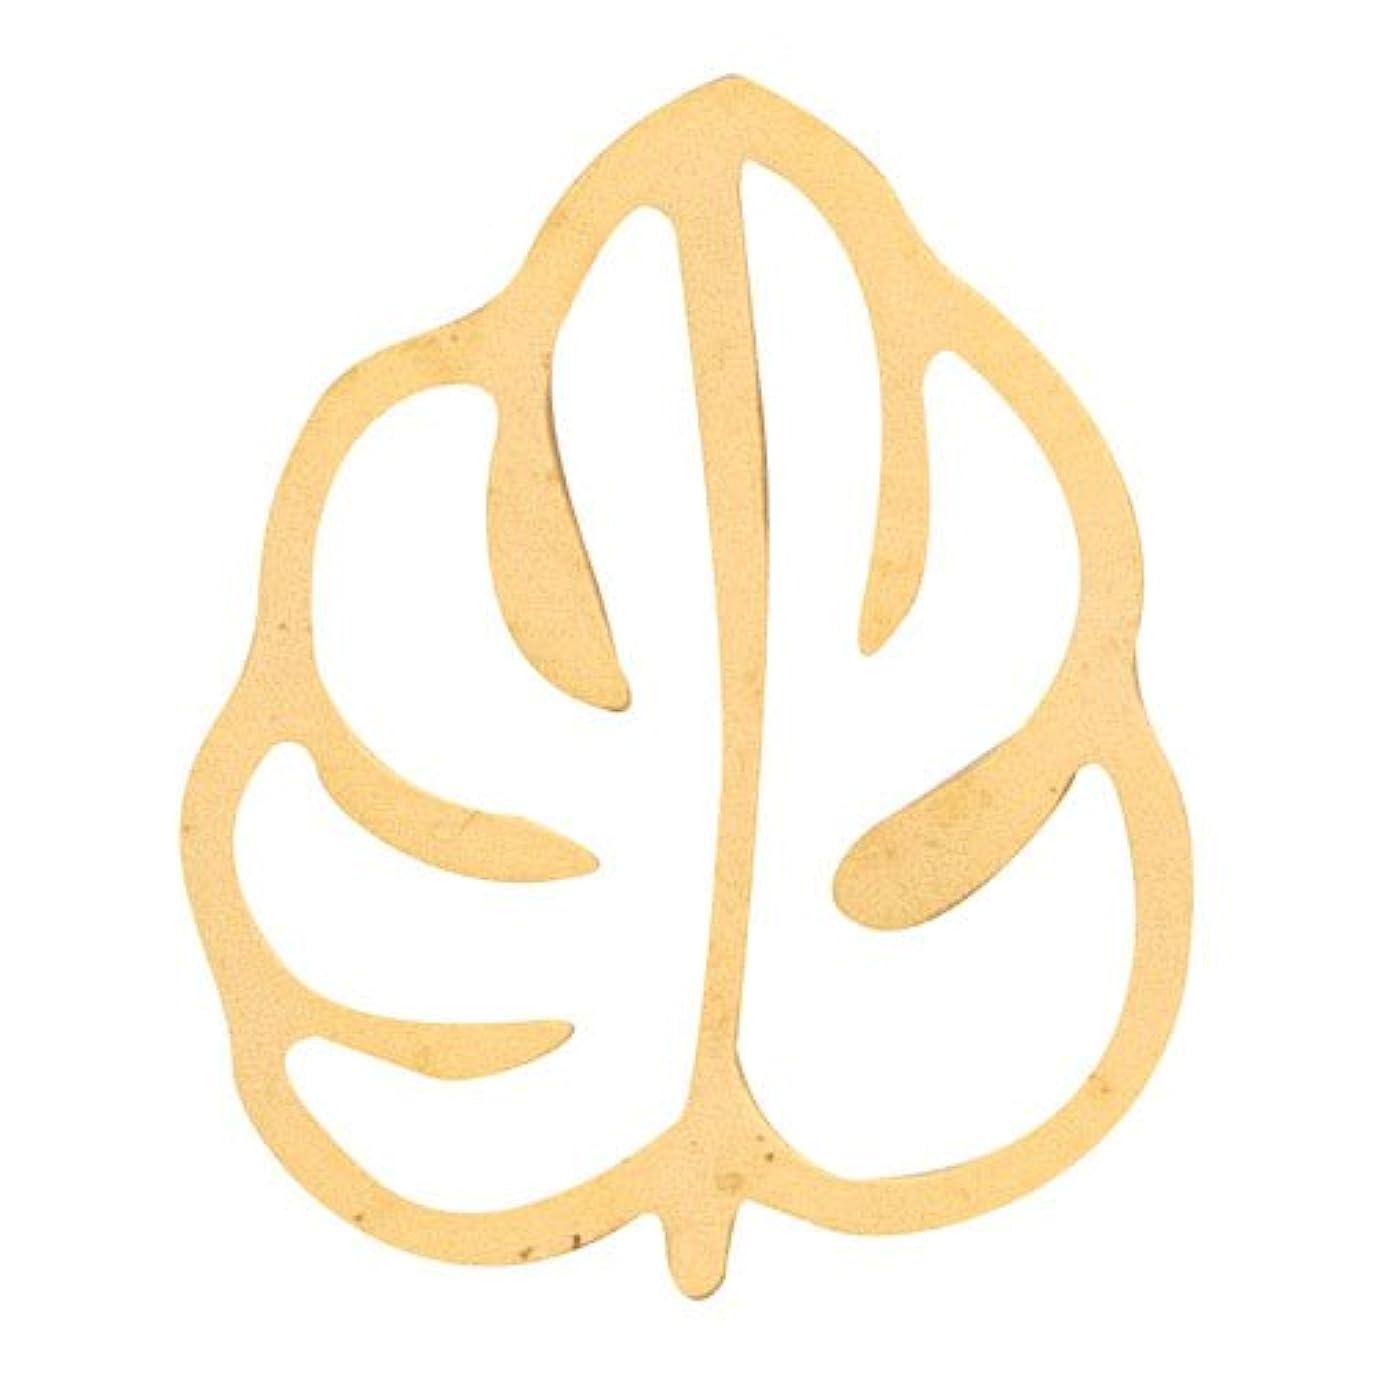 間に合わせ延期する頬骨リトルプリティー ネイルアートパーツ モンステラ2 M ゴールド 10個